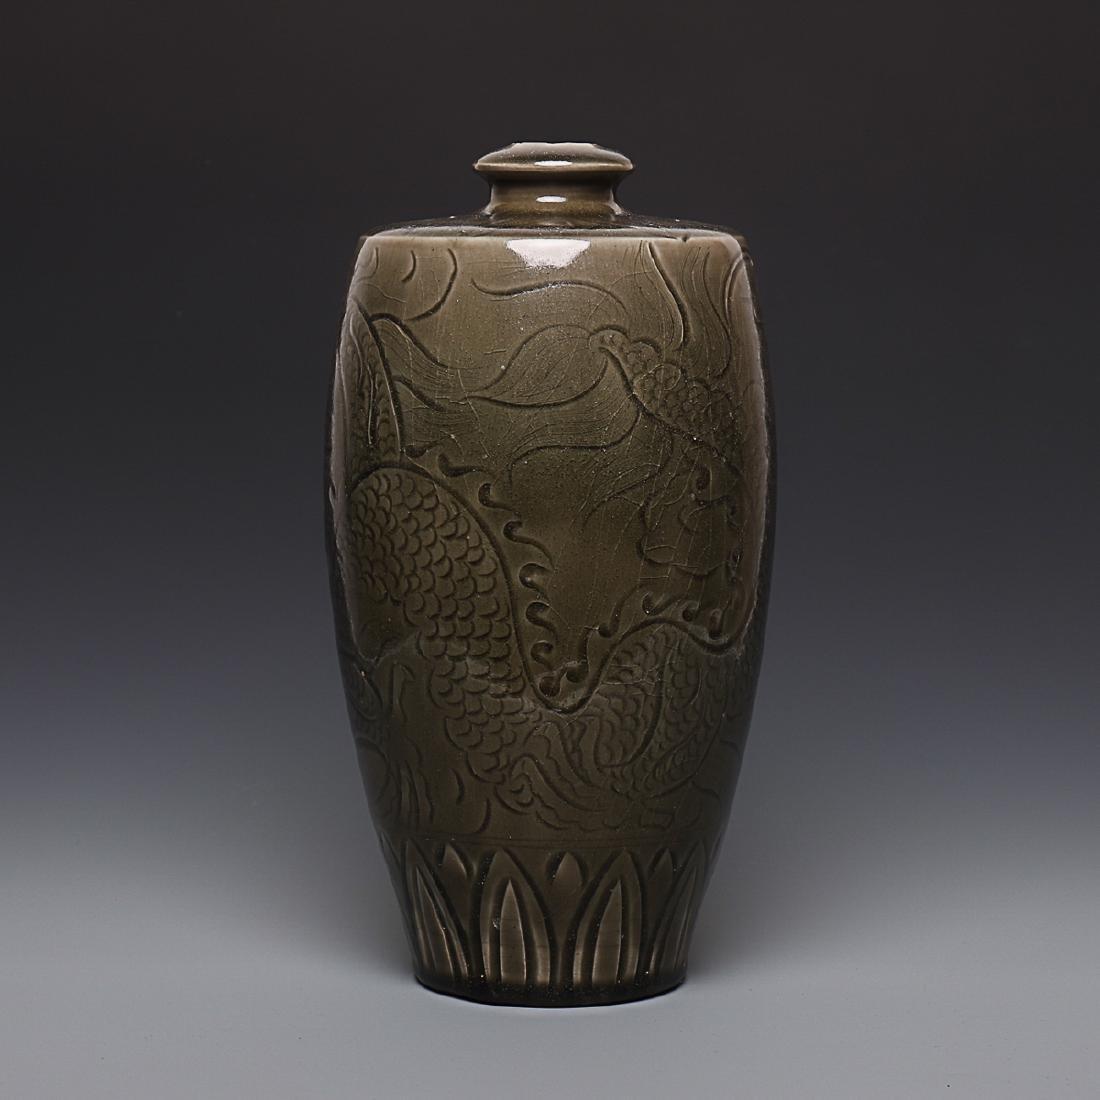 Vintage Chinese Porcelain Vase - 2